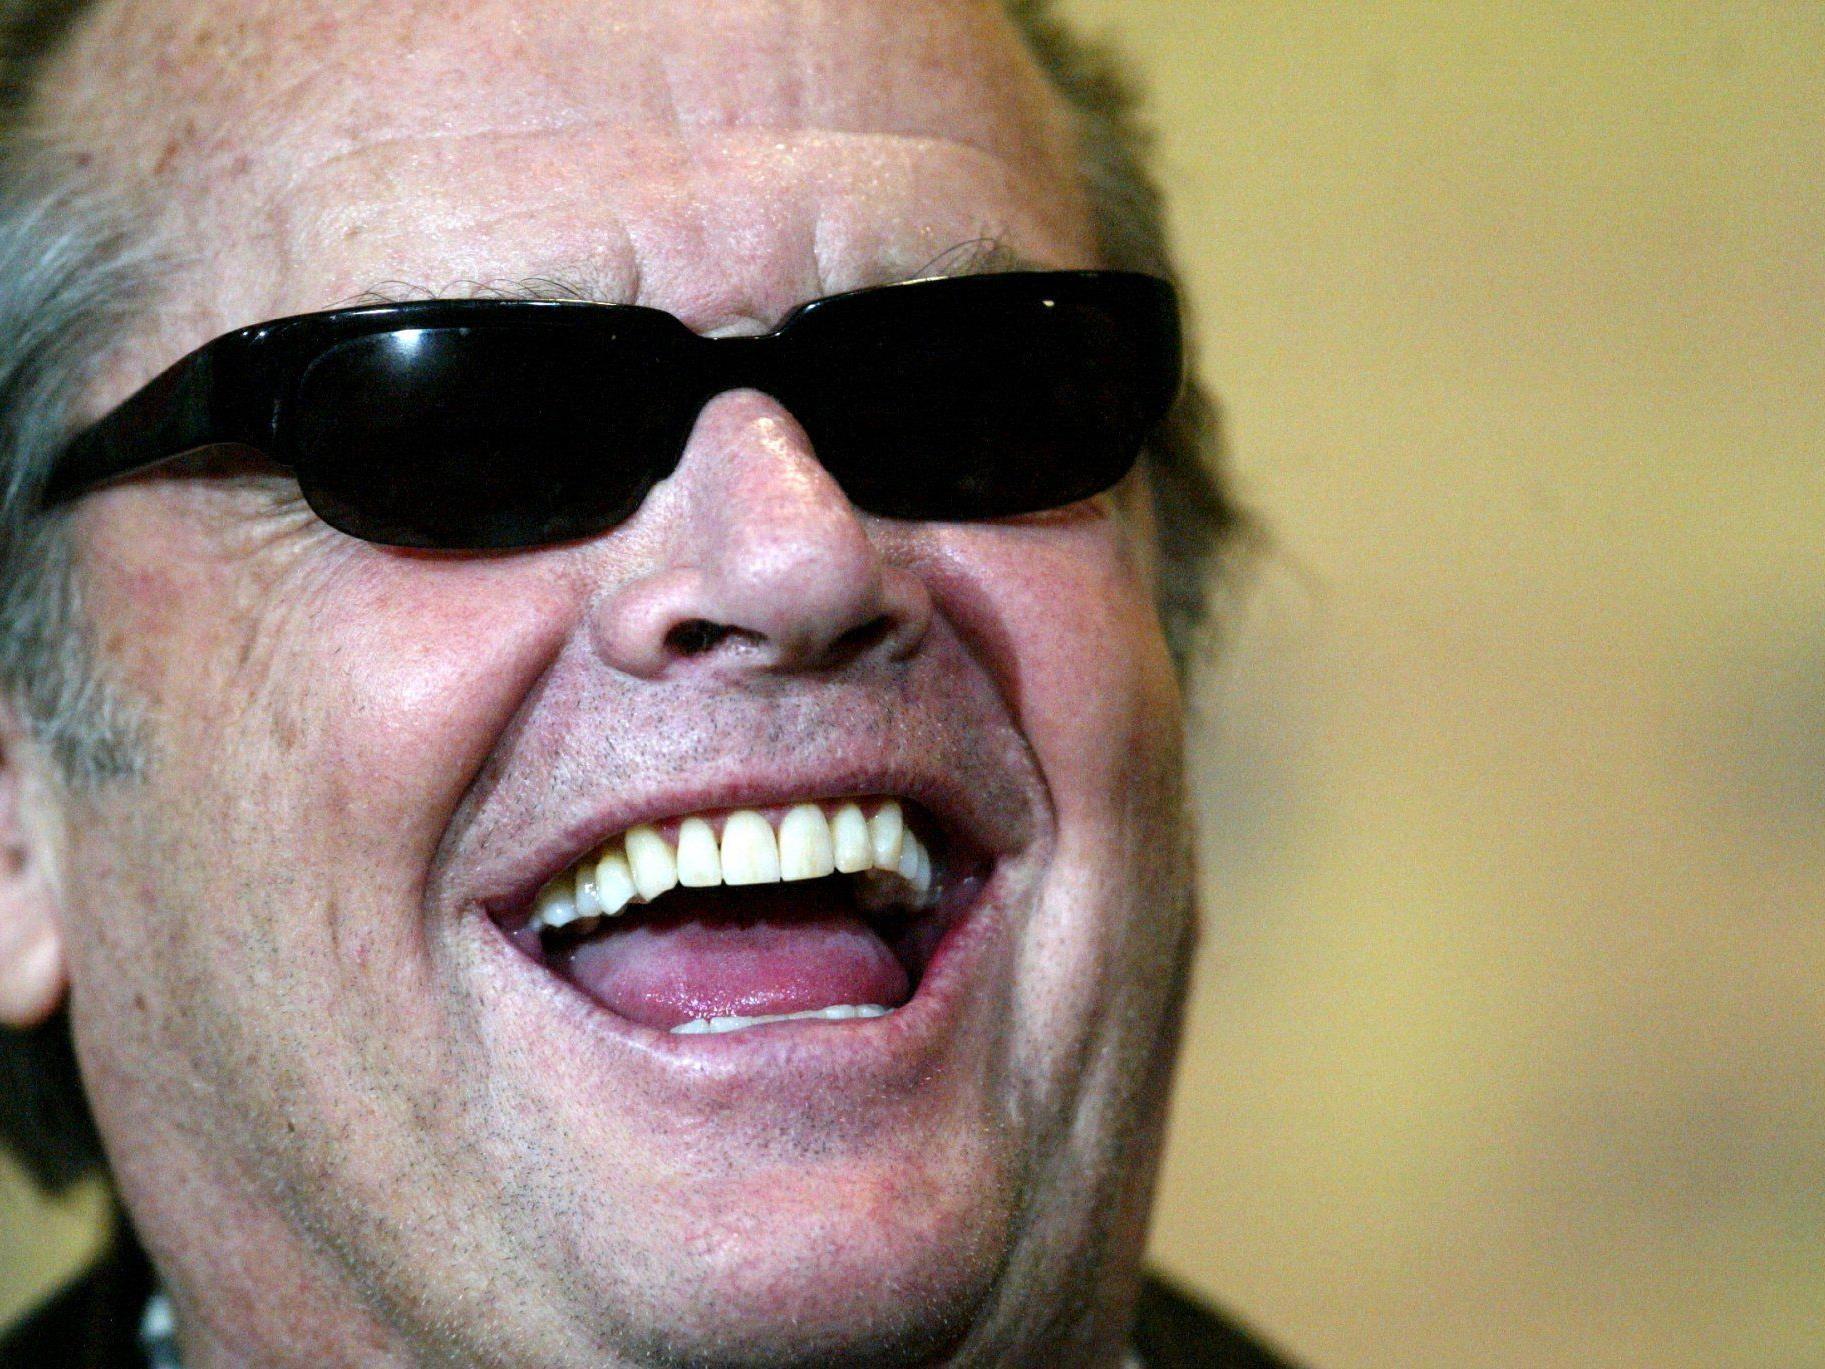 Seine Präsenz auf der Leinwand ist übermächtig, sein Leben filmreif - Jack Nicholson feiert seinen 75. Geburtstag.